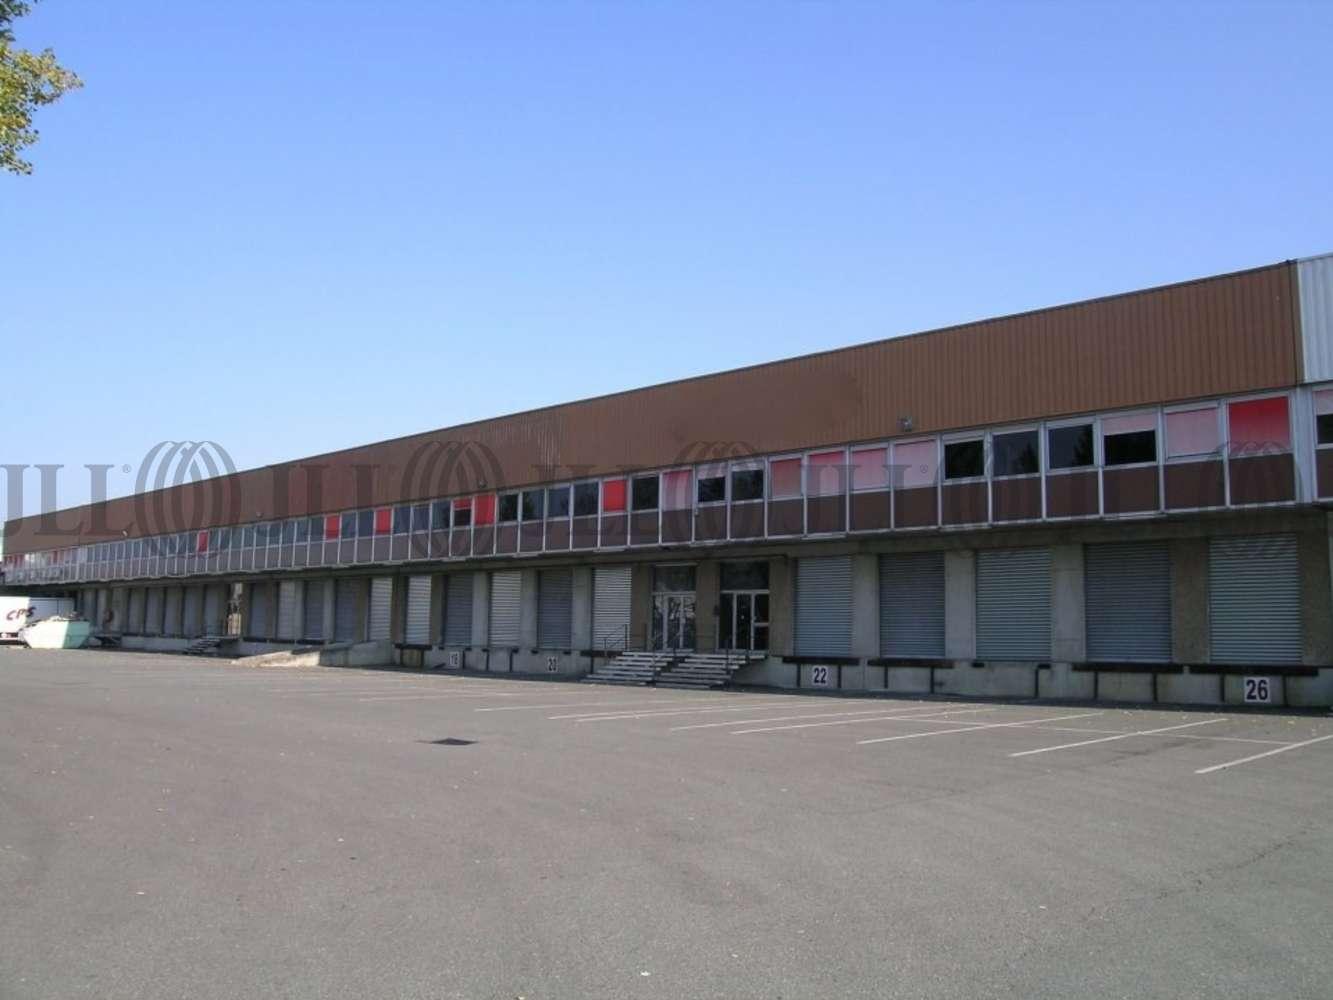 Activités/entrepôt Bordeaux, 33300 - 9-13 RUE DUMONT D'URVILLE - 10759604